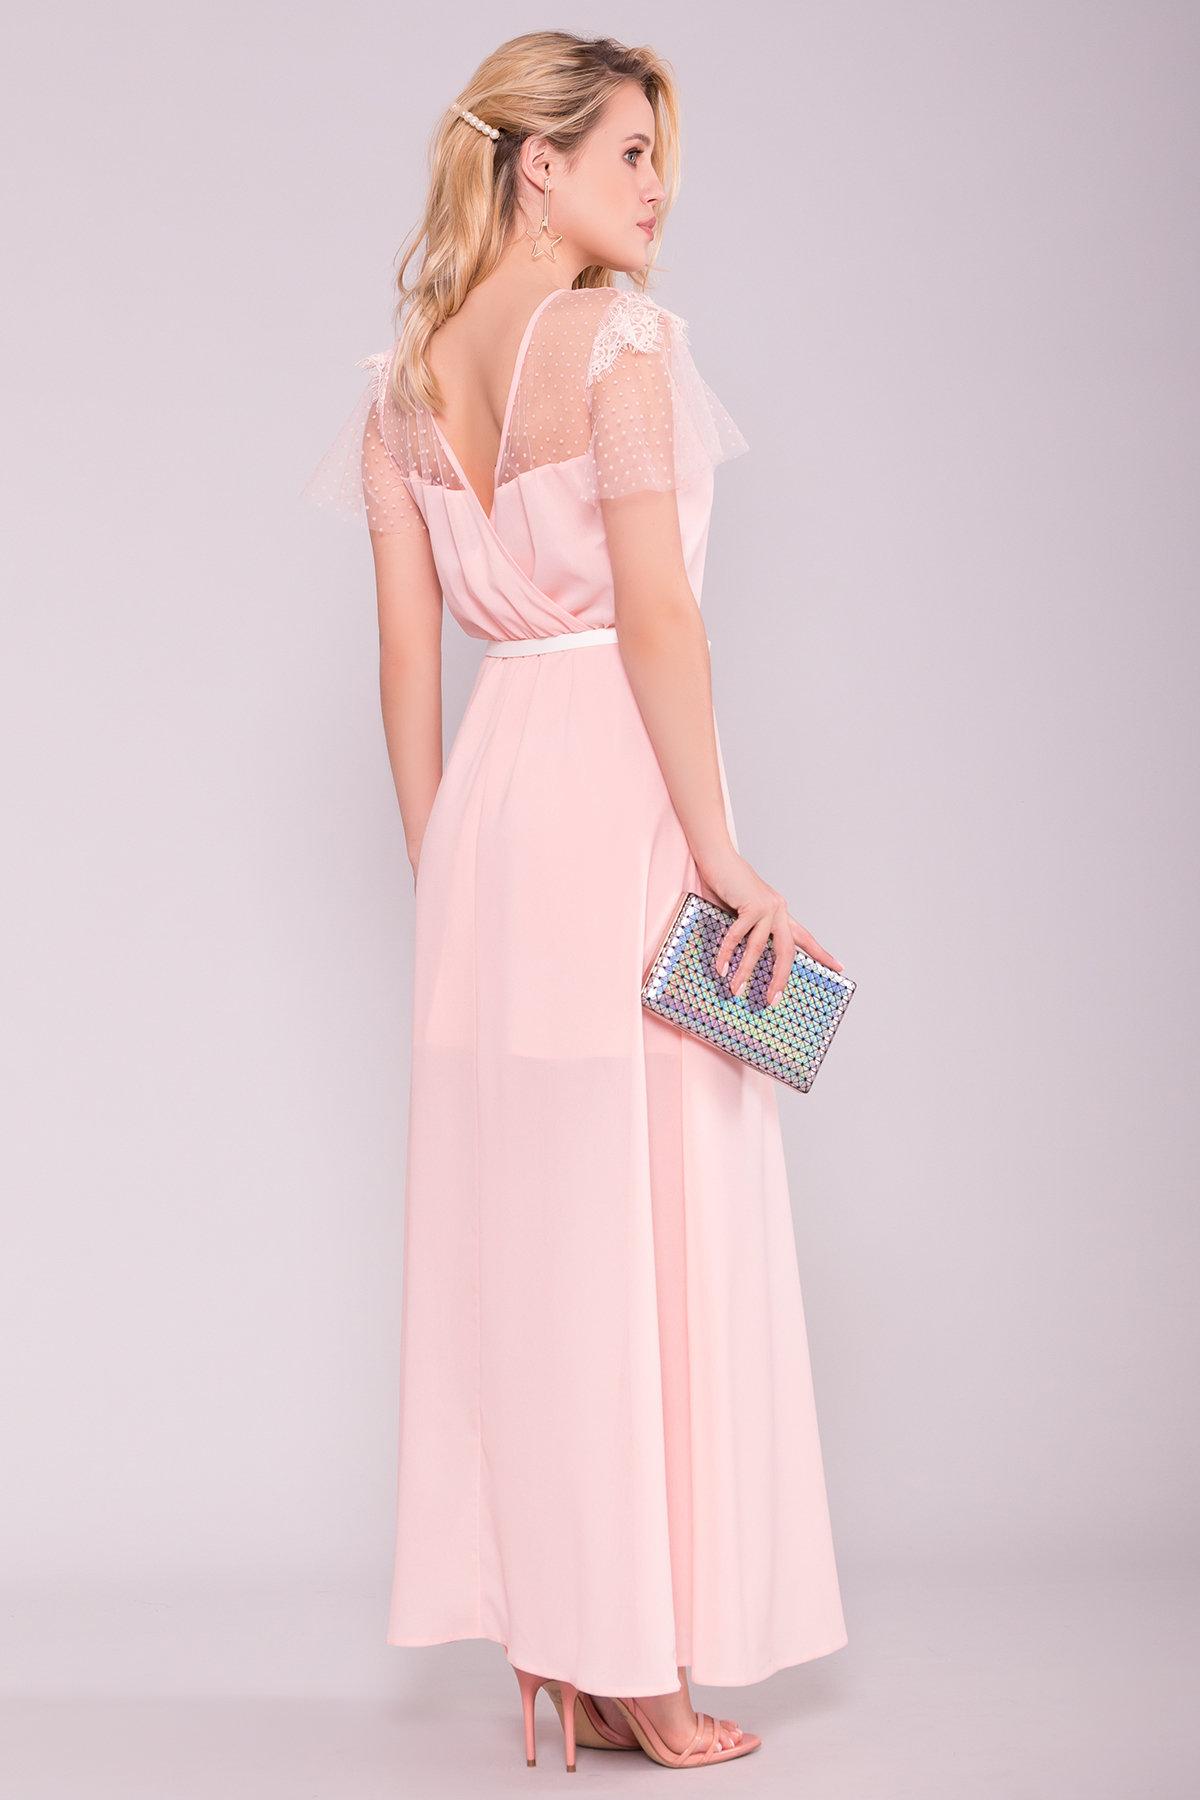 Платье Австралия 7333 АРТ. 43030 Цвет: Пудра Светлая - фото 2, интернет магазин tm-modus.ru